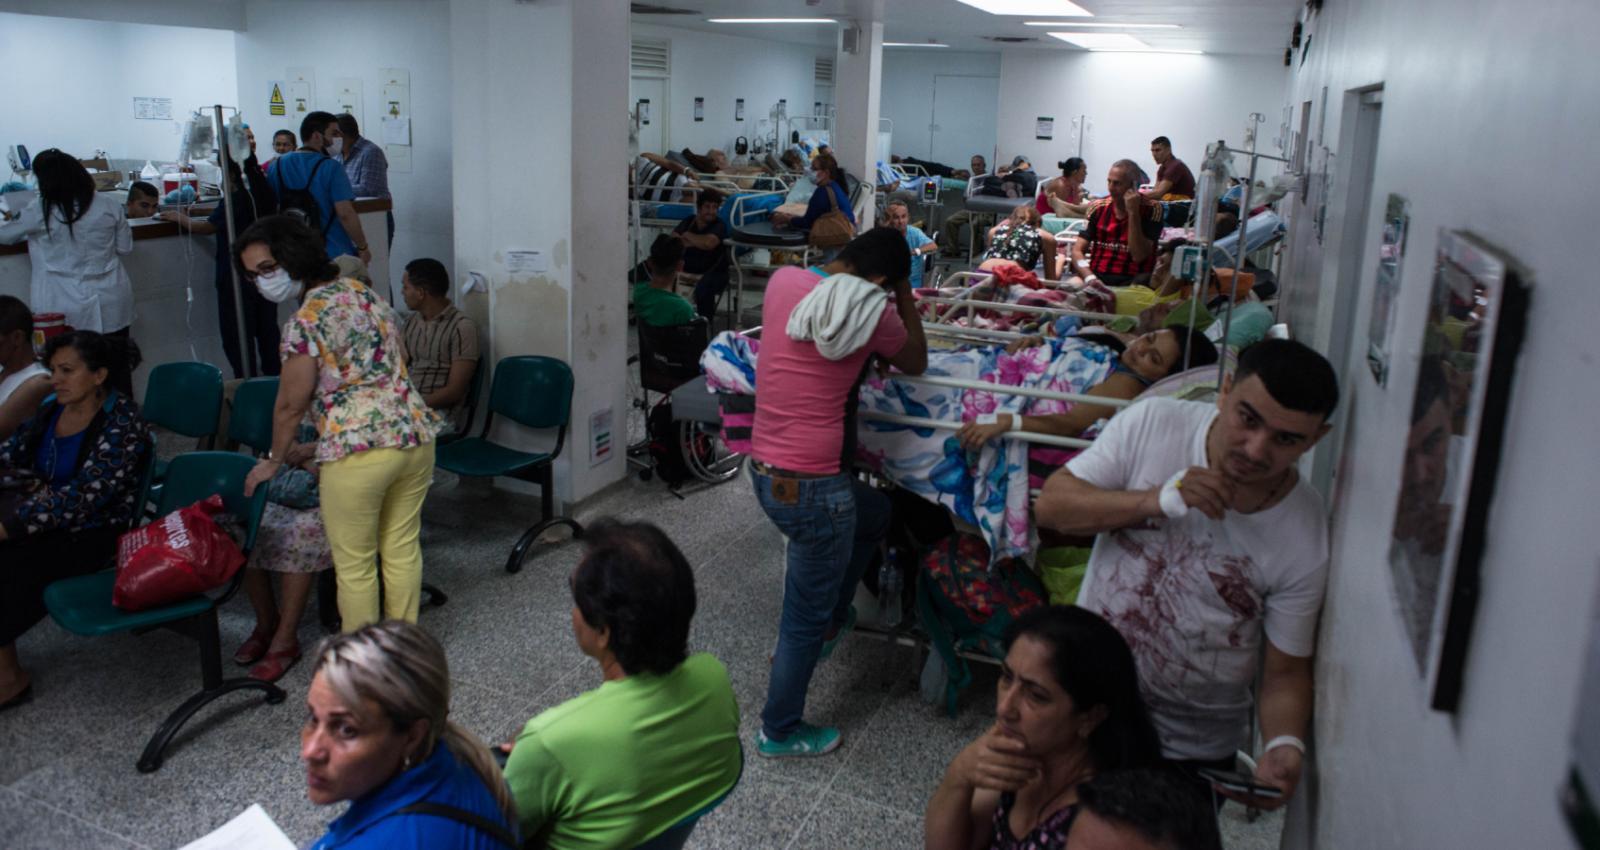 Gobierno destina 20.000 millones de pesos a la atención médica de migrantes venezolanos